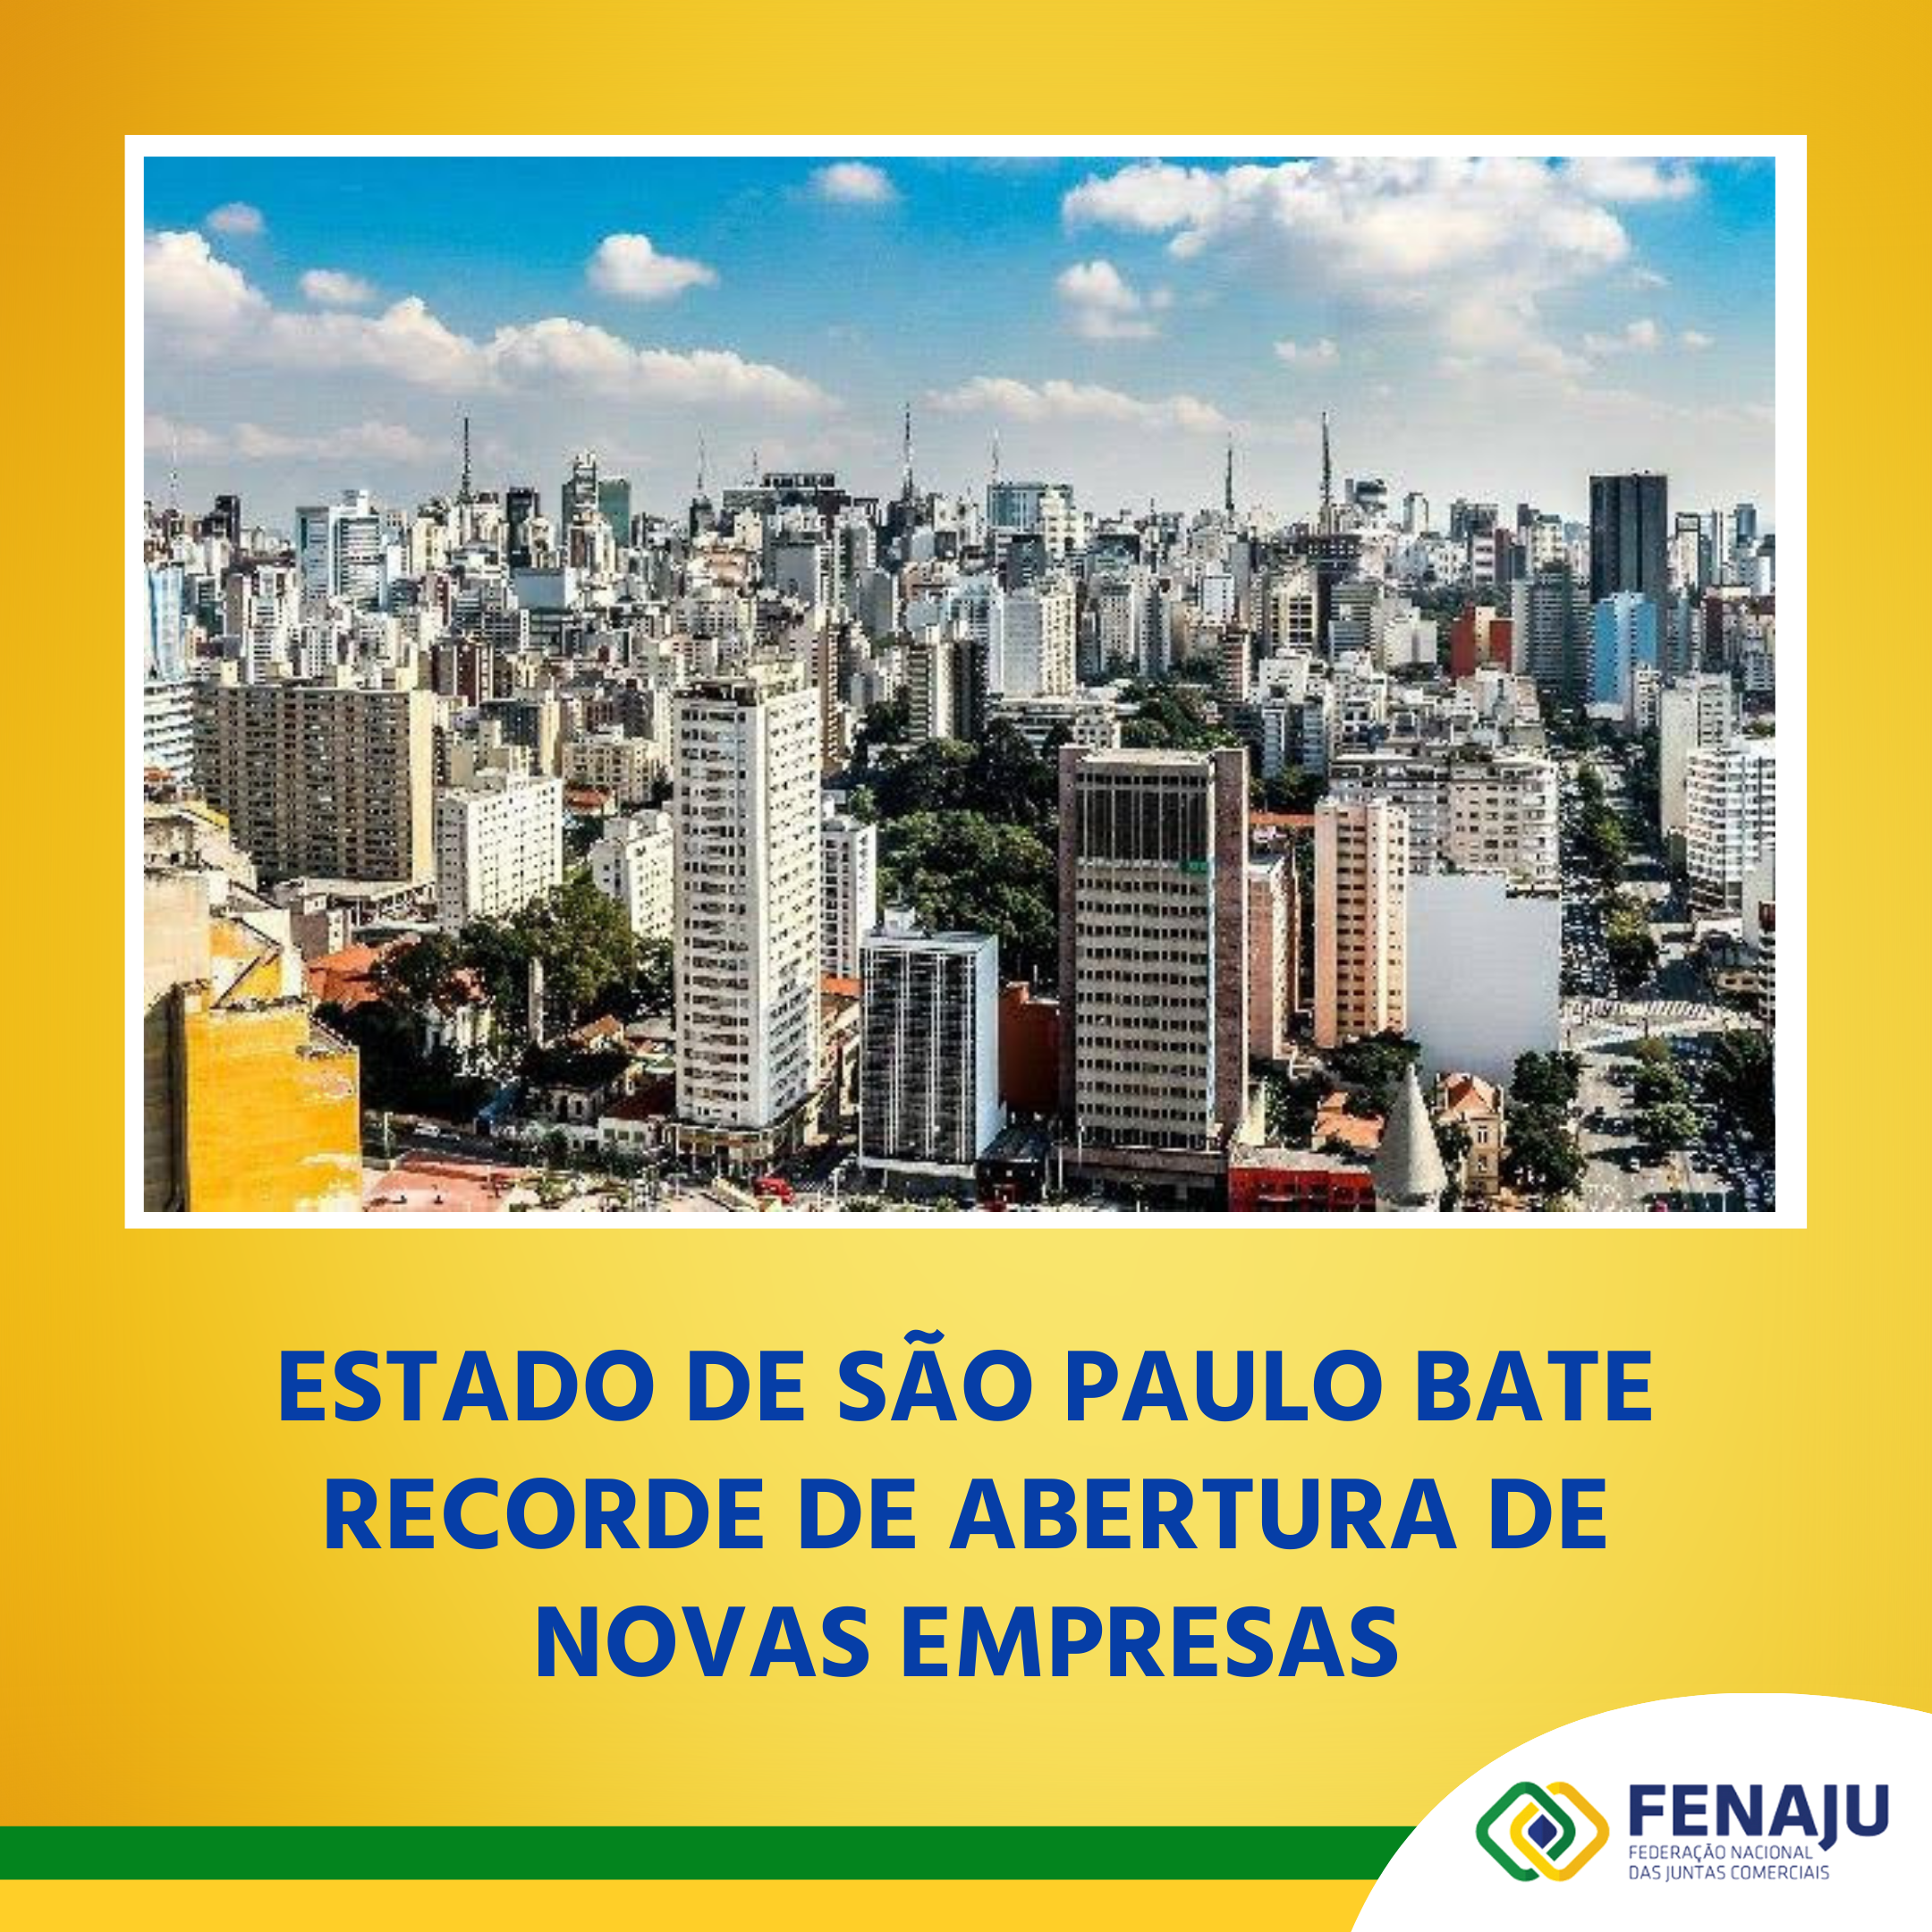 Estado de São Paulo bate recorde de abertura de novas empresas